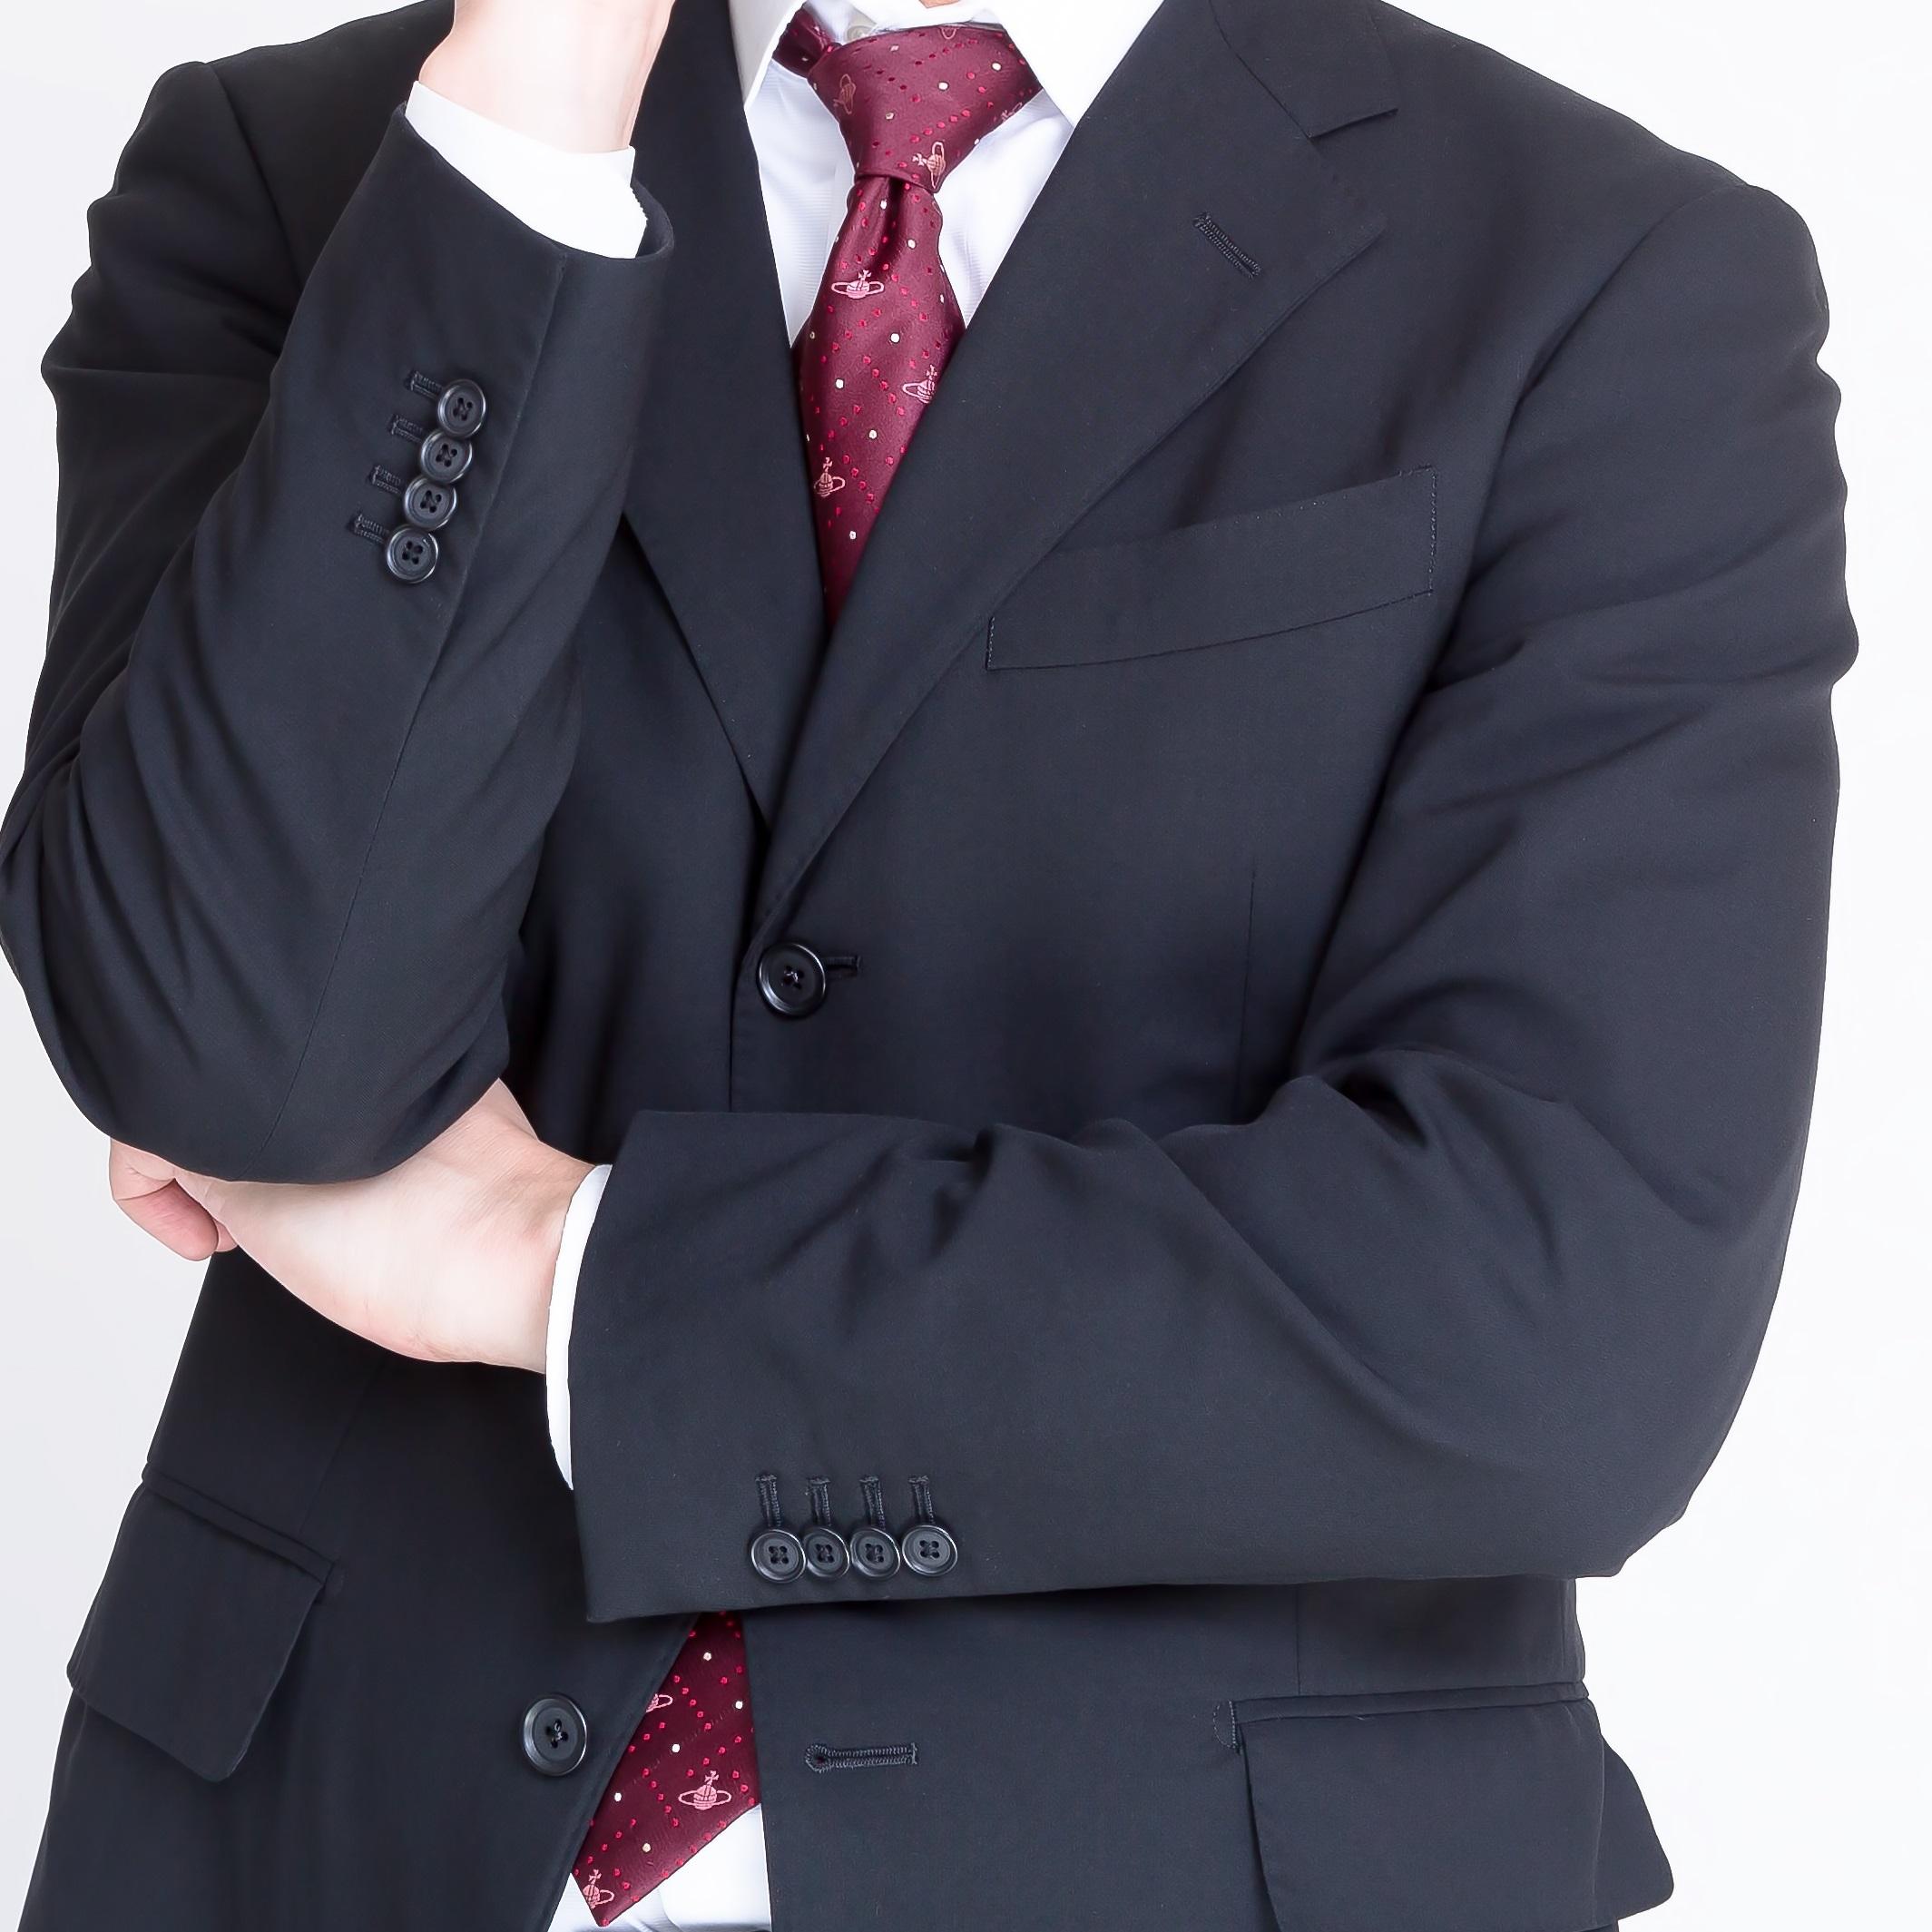 「リクルートスーツは黒系を選べ」に批判殺到 「ストライプの何が悪い」「就活はお葬式に似てる」